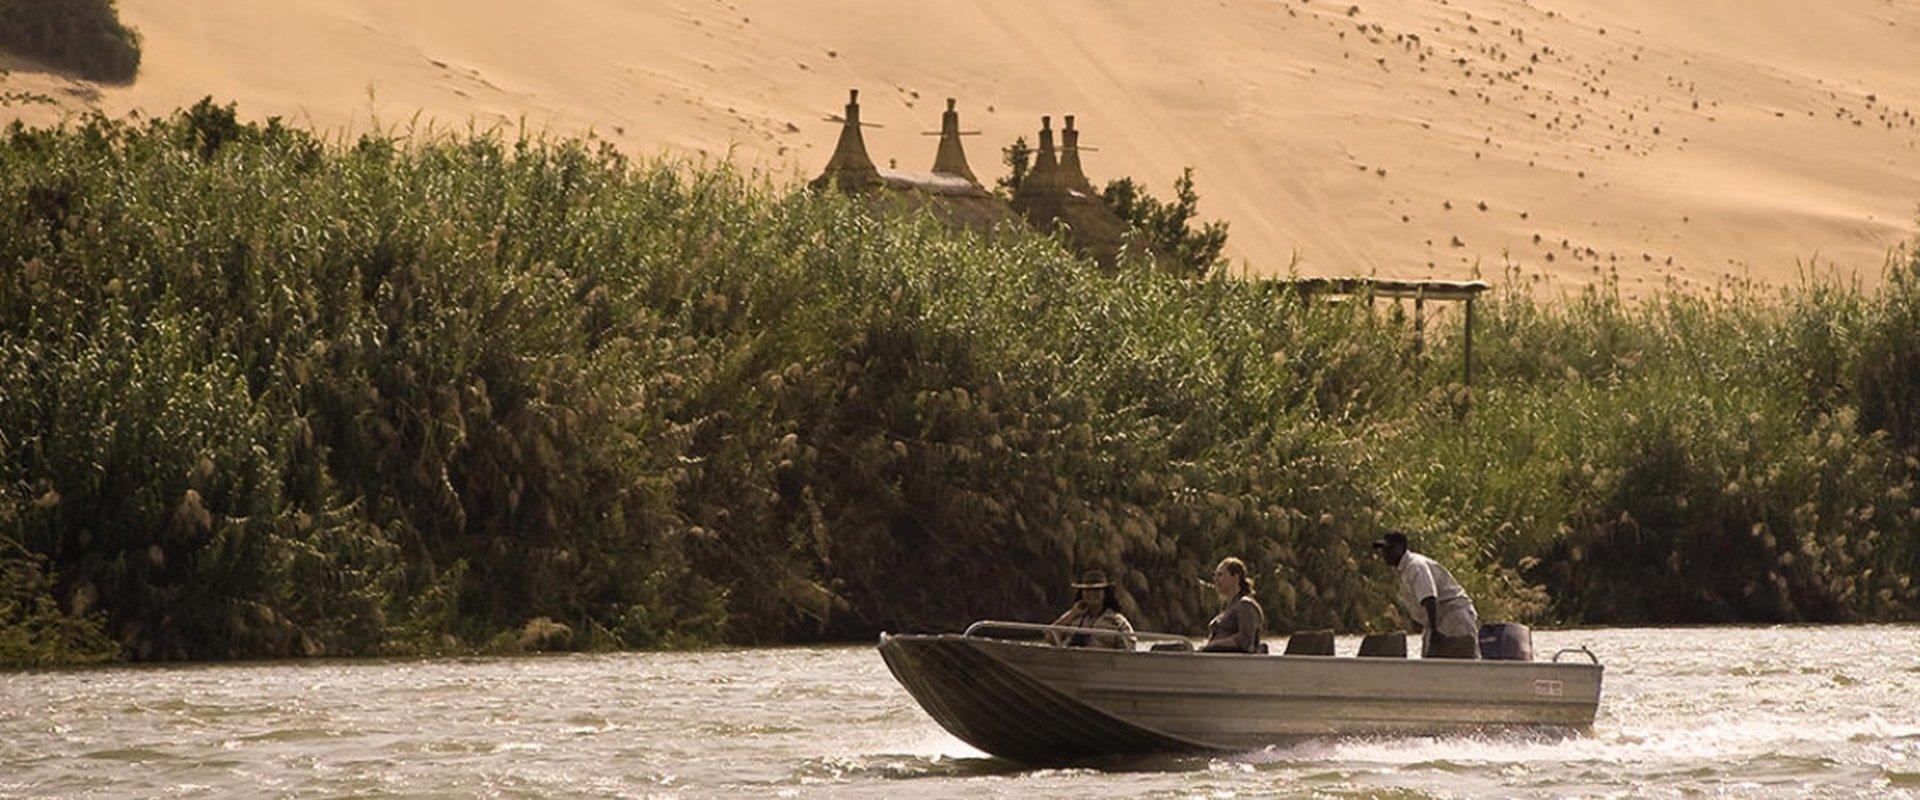 Boat on the Kunene River